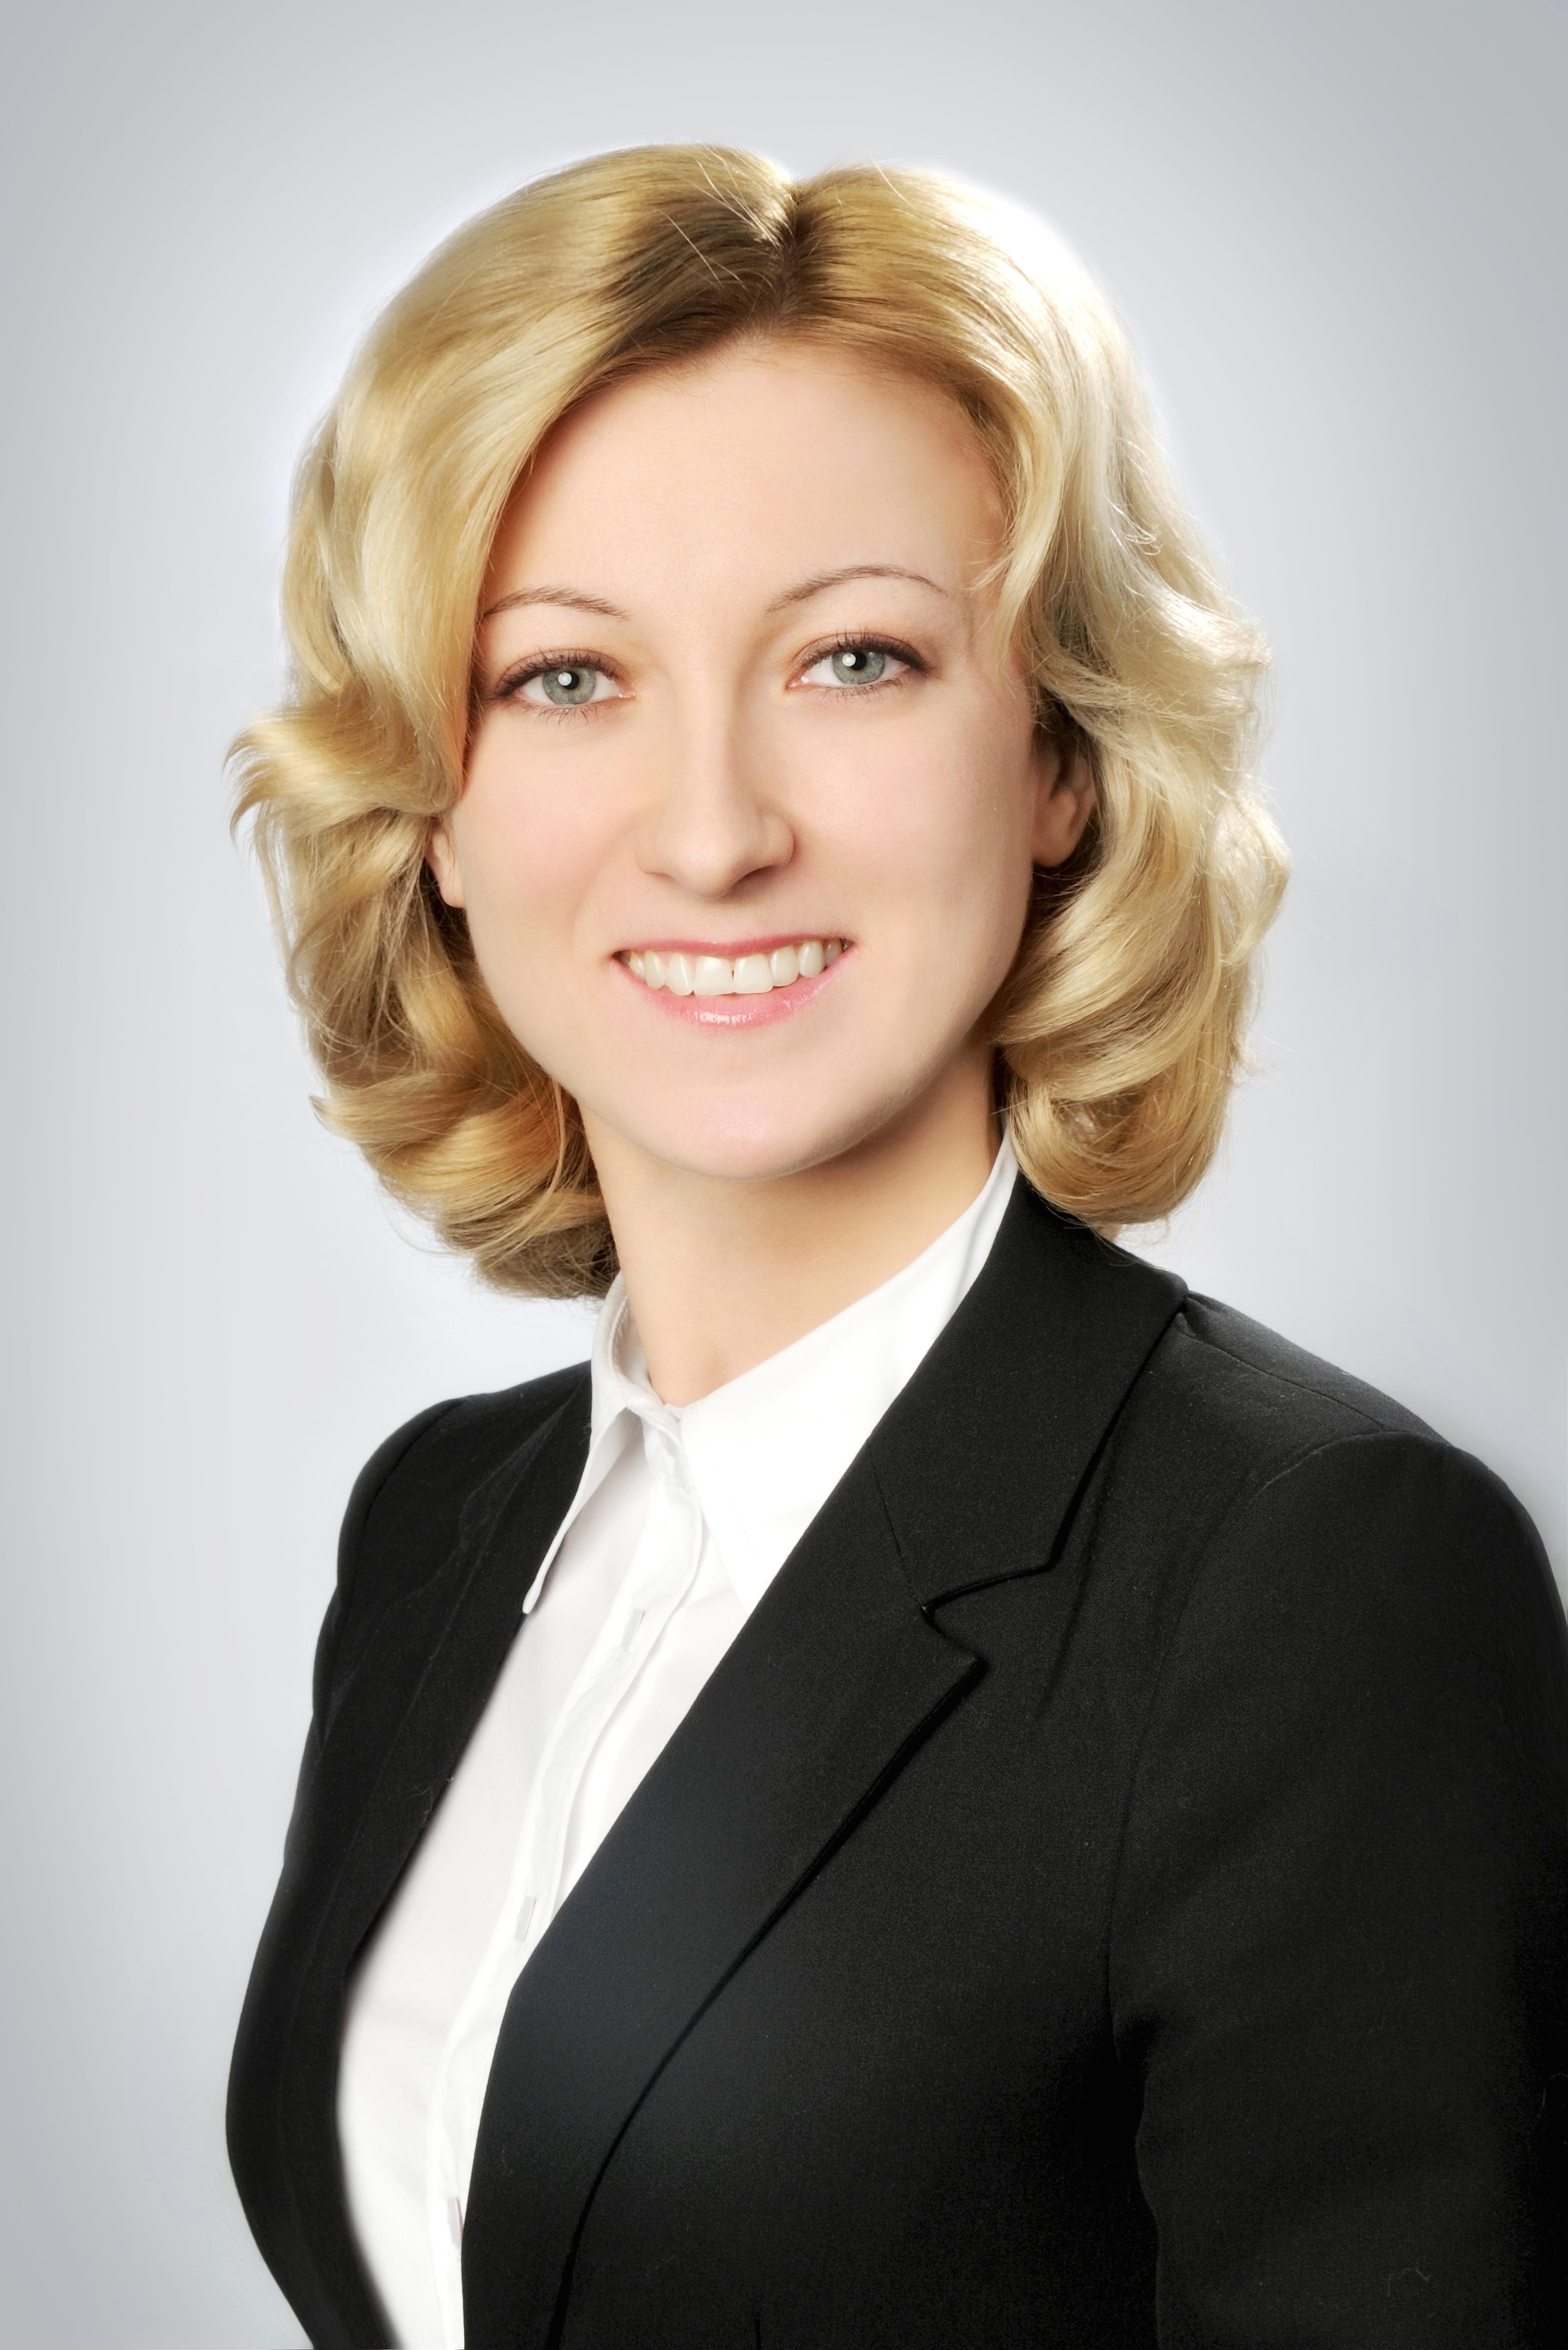 Алена Горлушко, руководитель отдела карточного бизнеса Пиреус Банка в Украине: